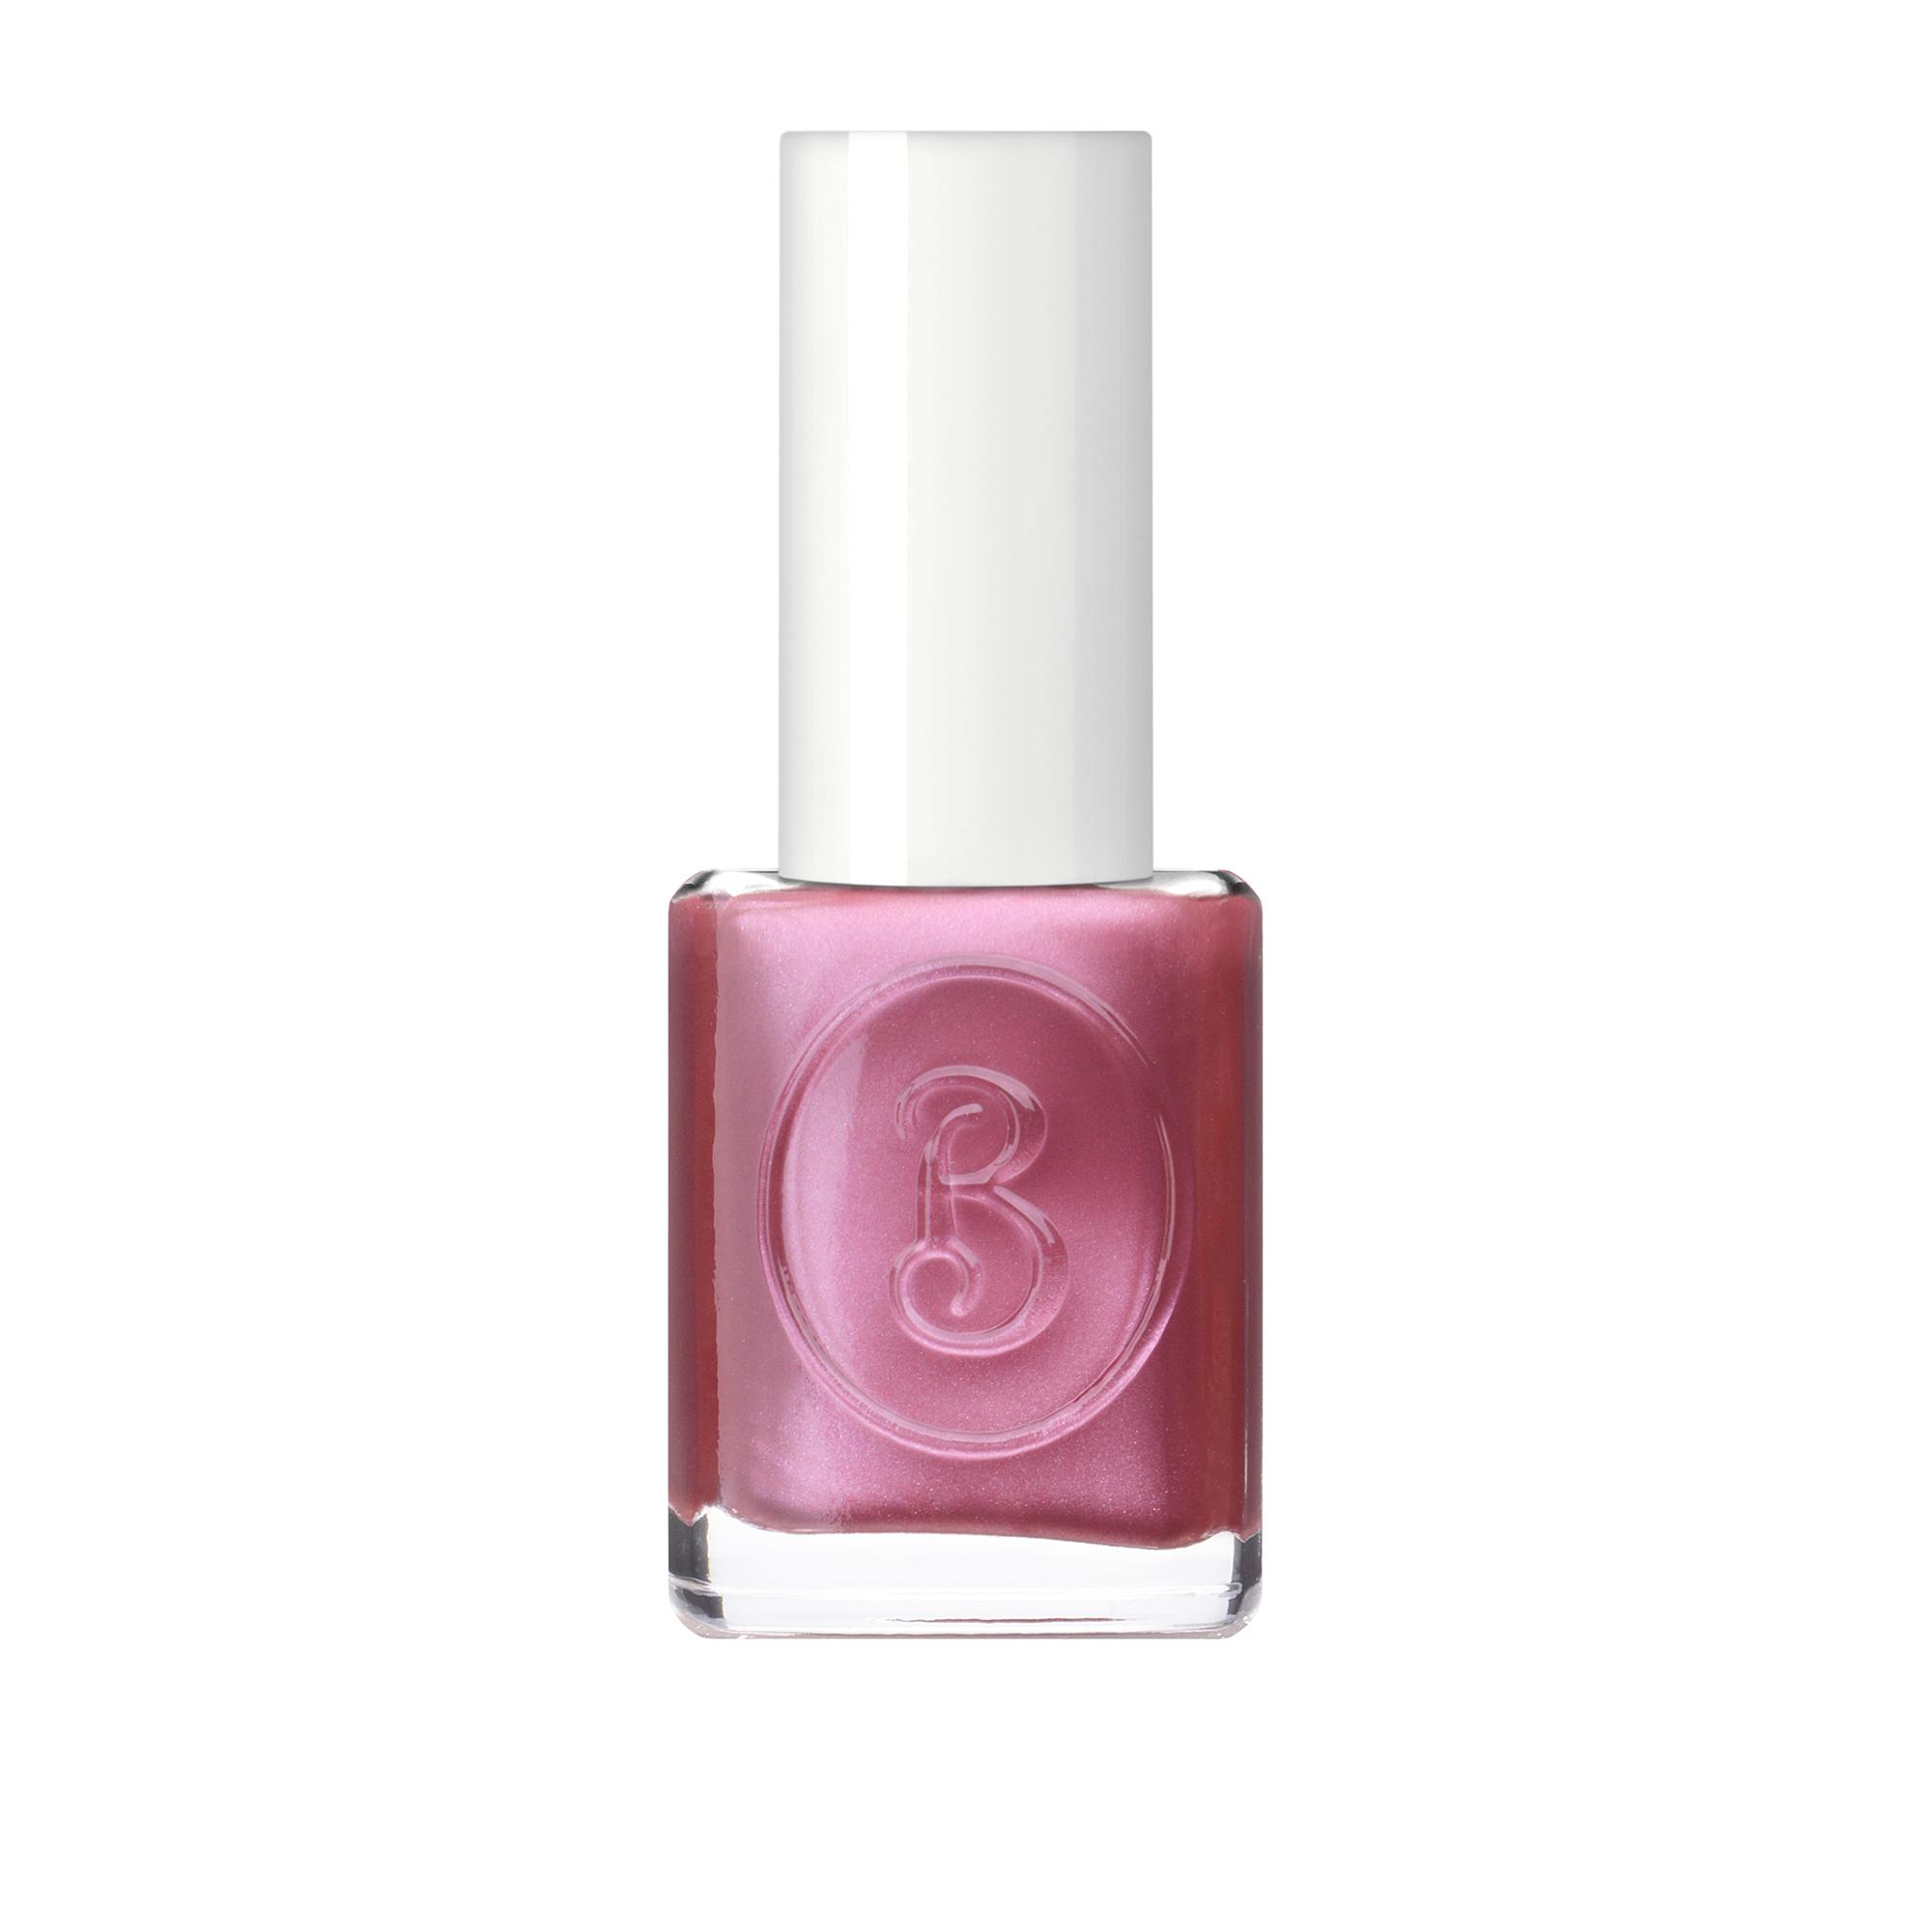 BERENICE Лак для ногтей восхитительная роза тон 29 ambrosian rose / BERENICE 16 мл